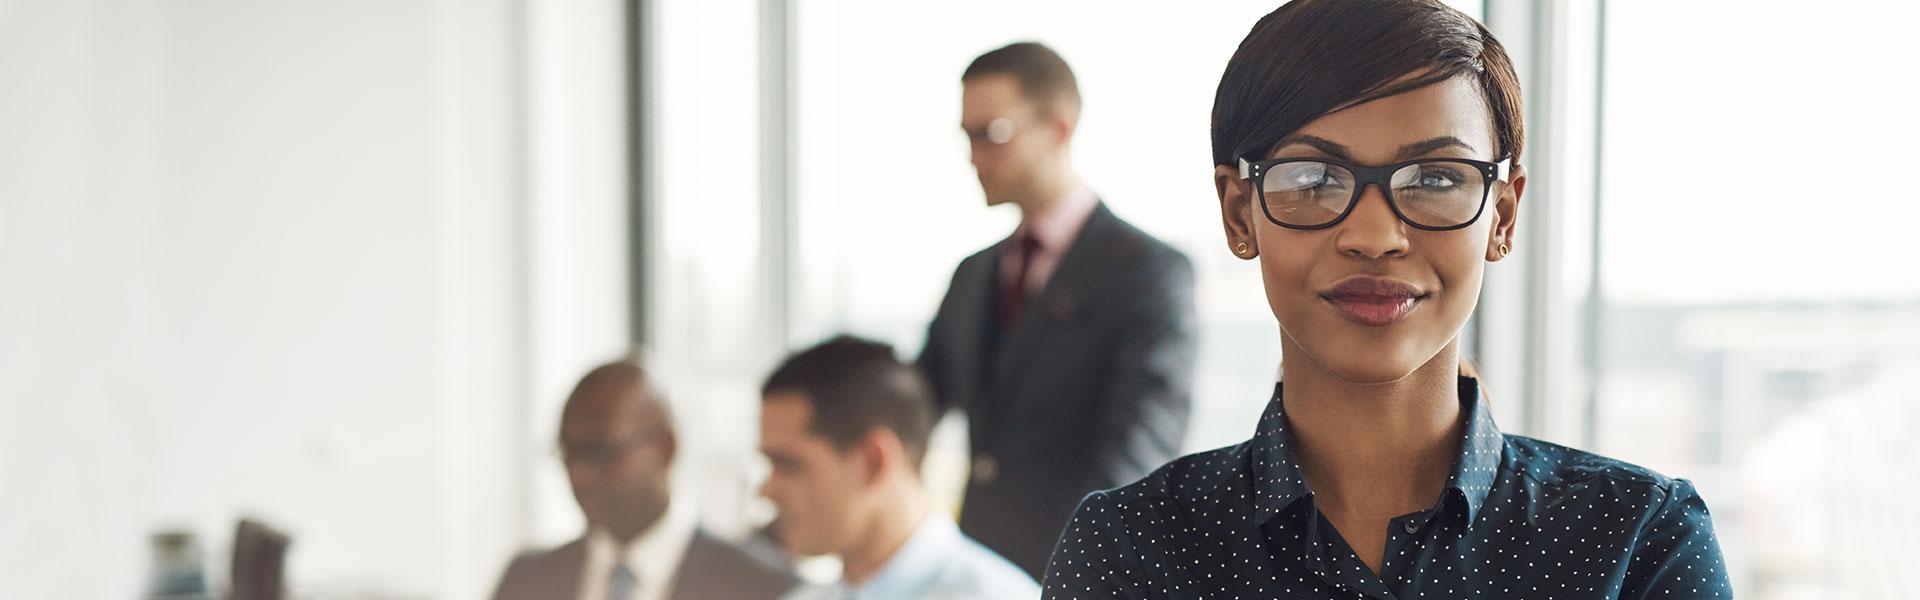 Female employee in an office